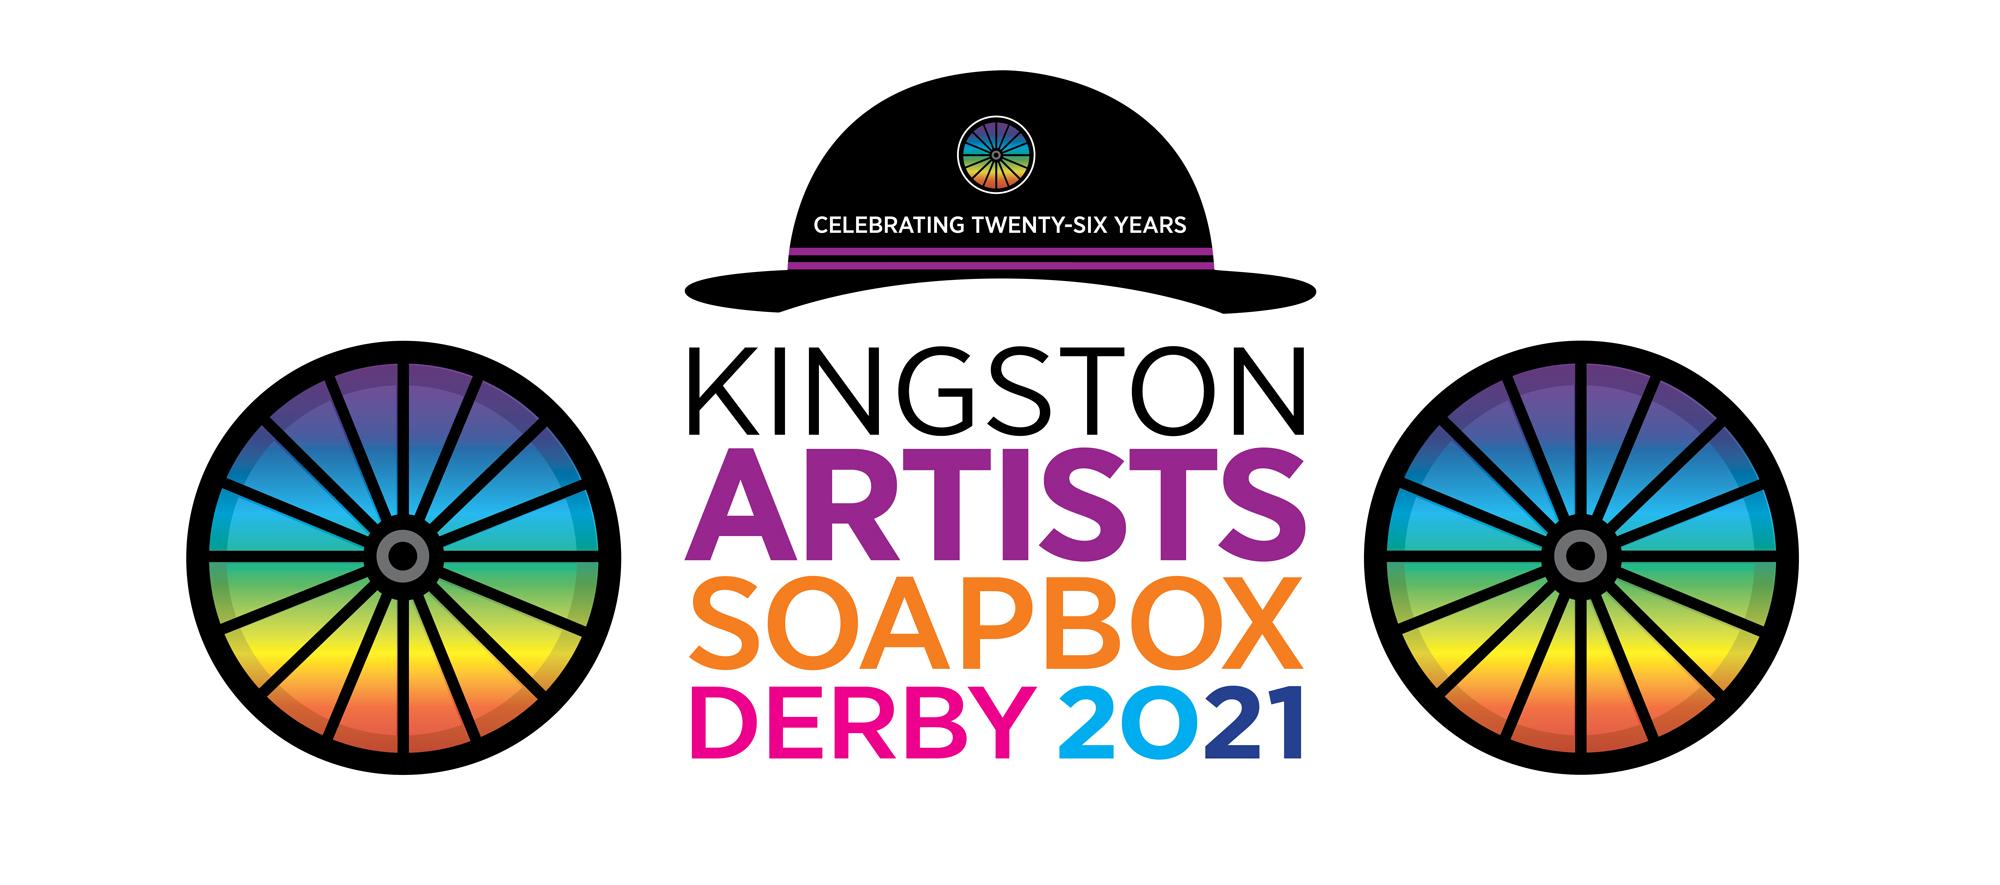 The Kingston Artists Soapbox Derby